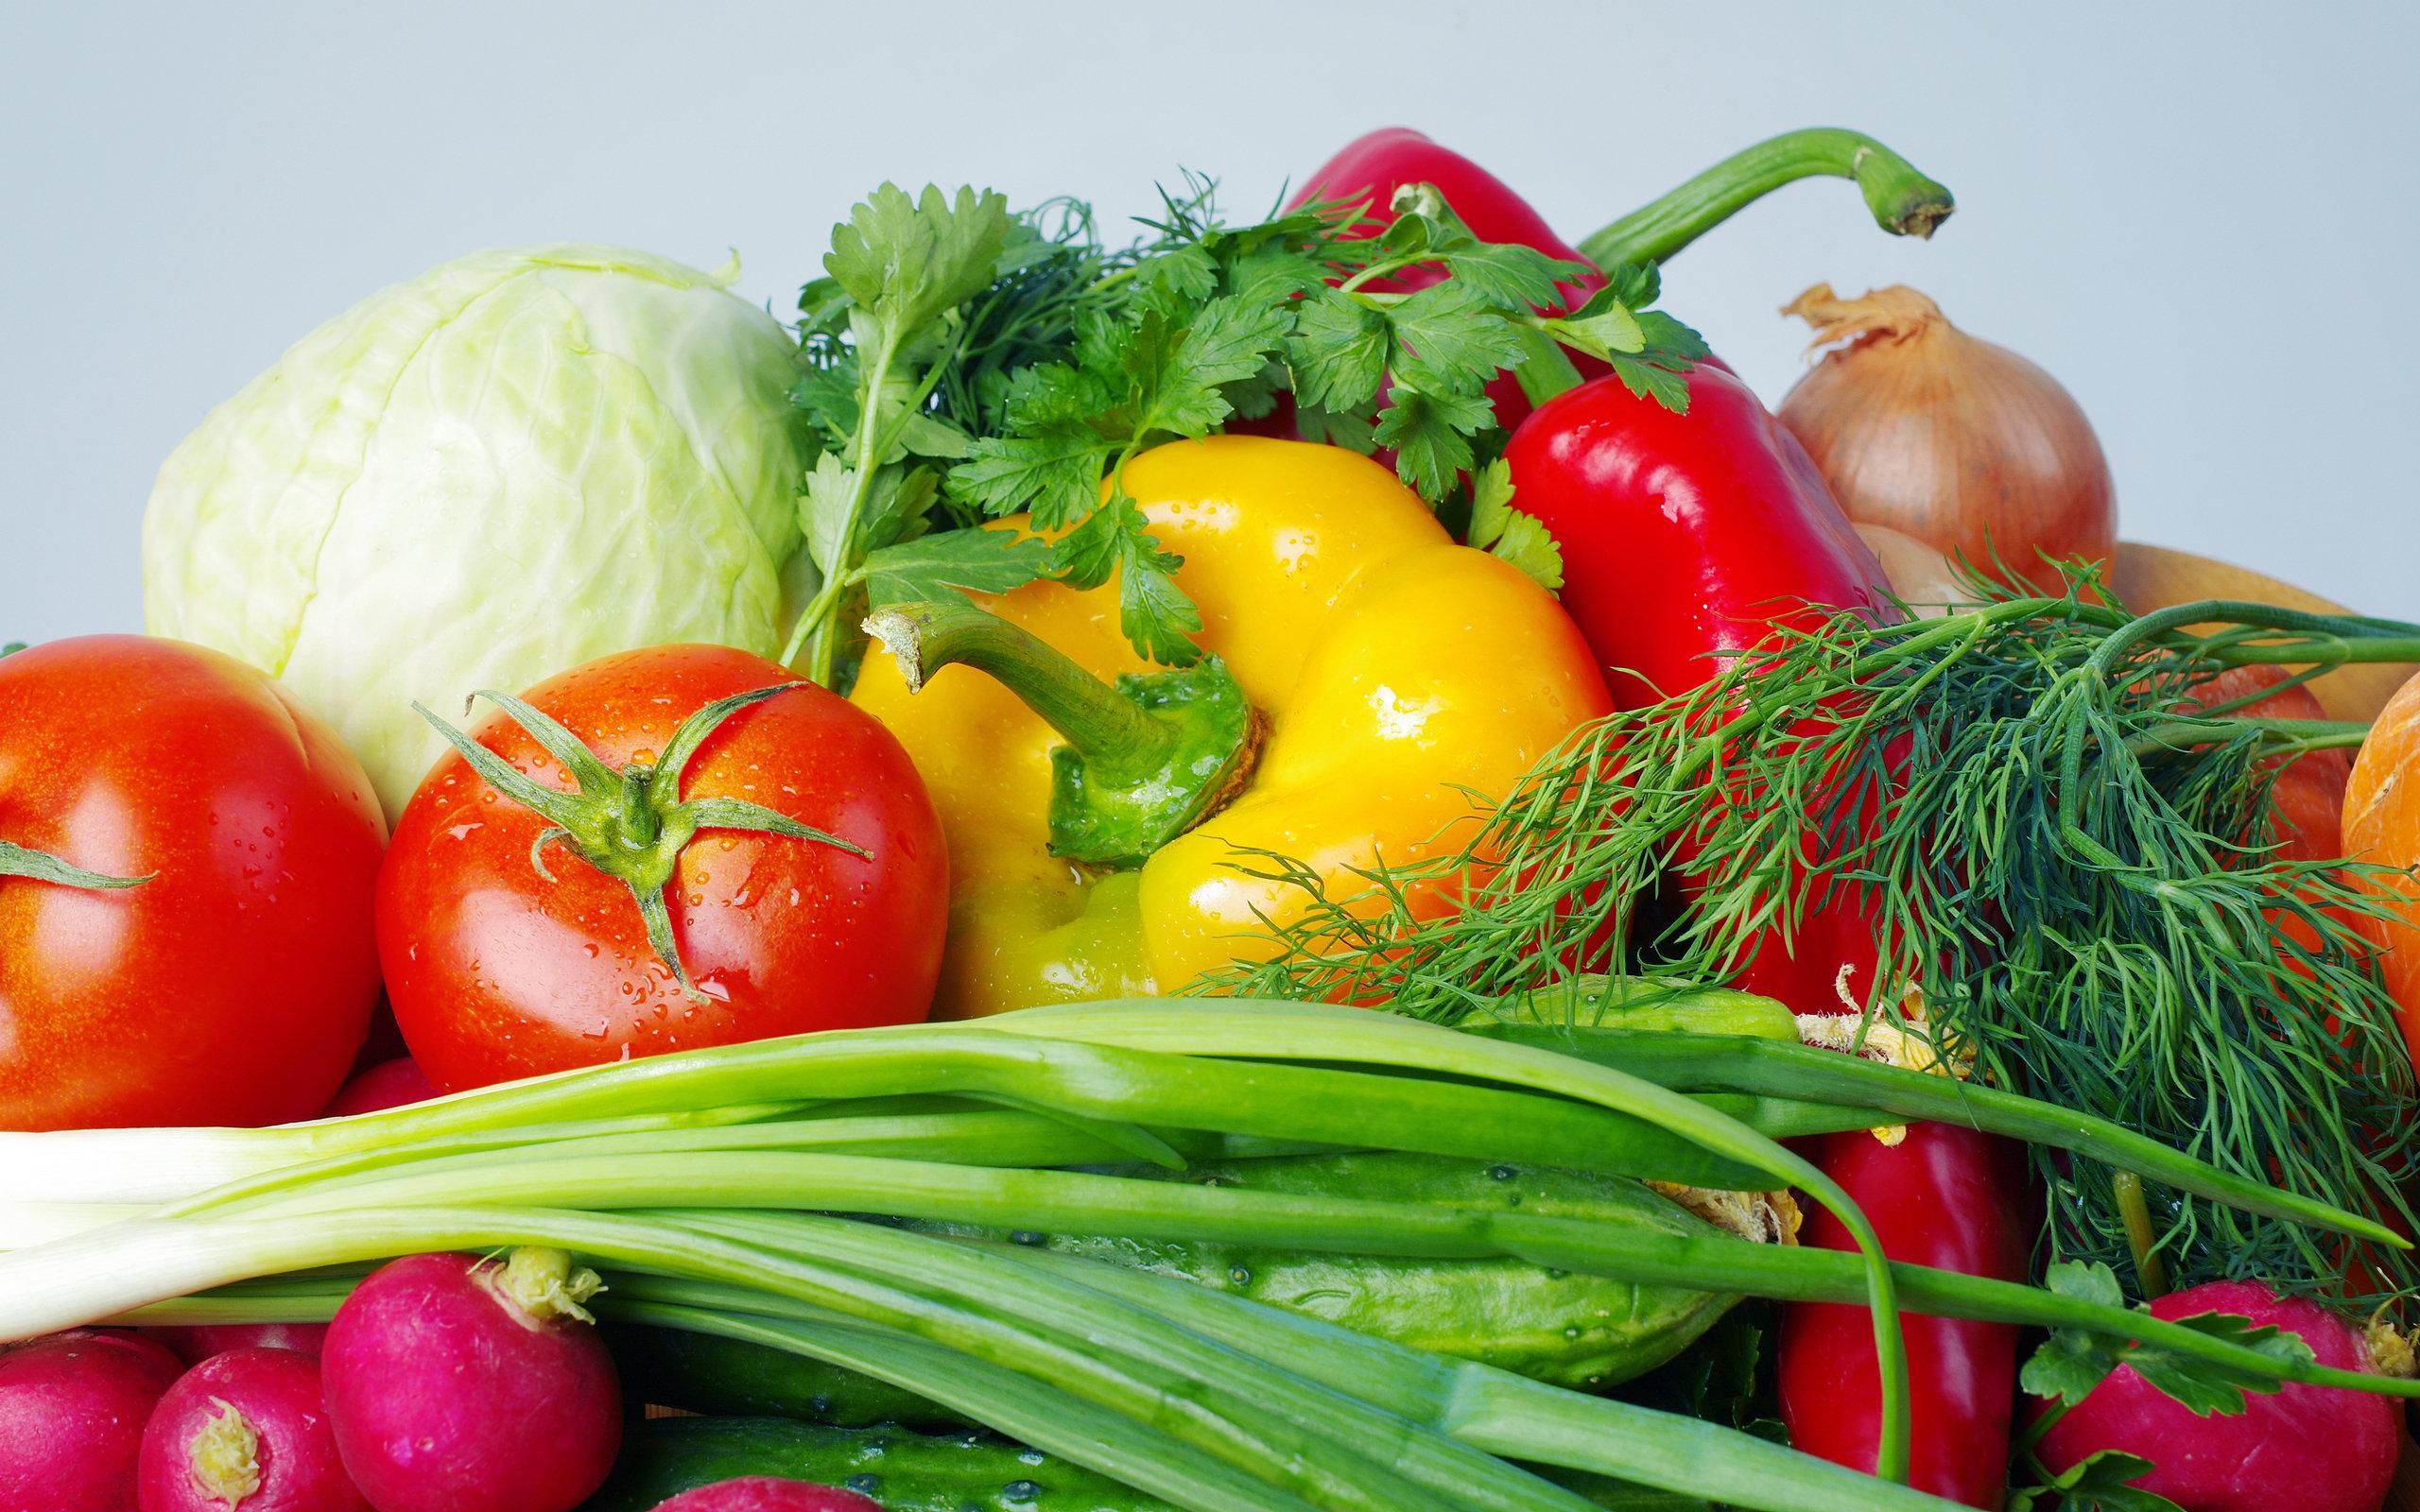 食用蔬菜,蔬菜补铁